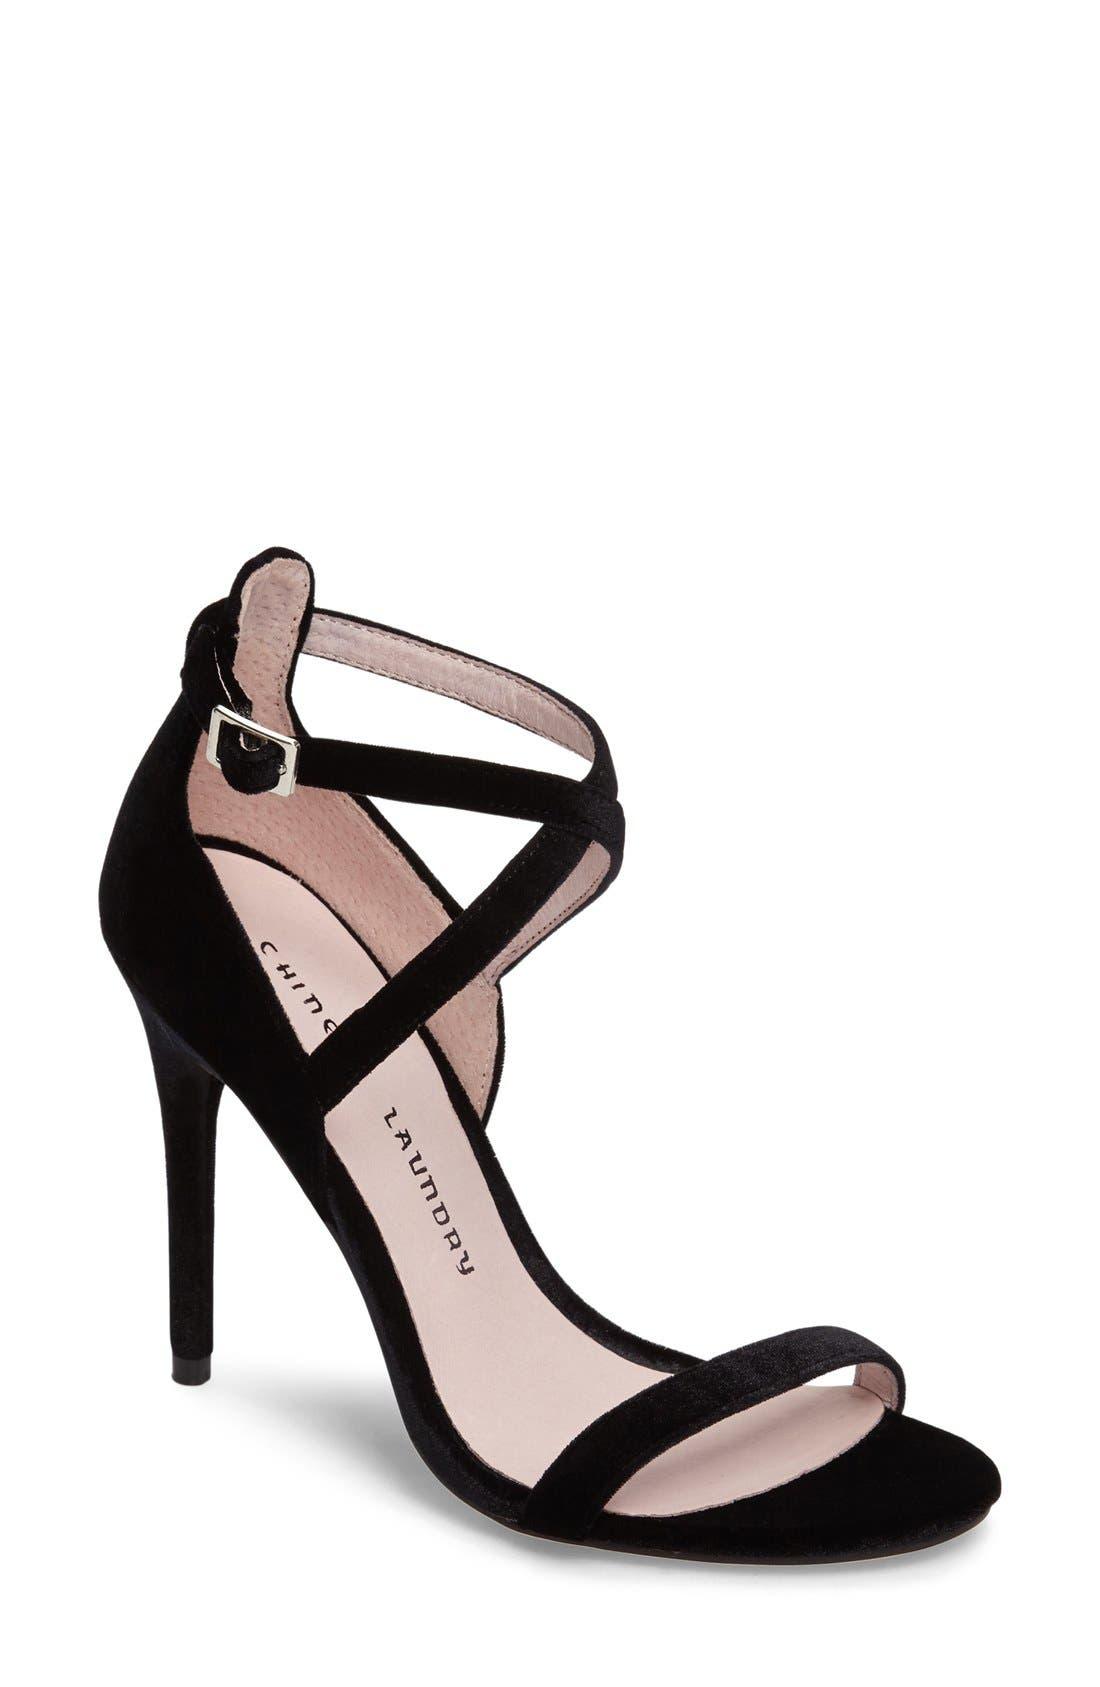 Lavelle Ankle Strap Sandal,                             Main thumbnail 1, color,                             001